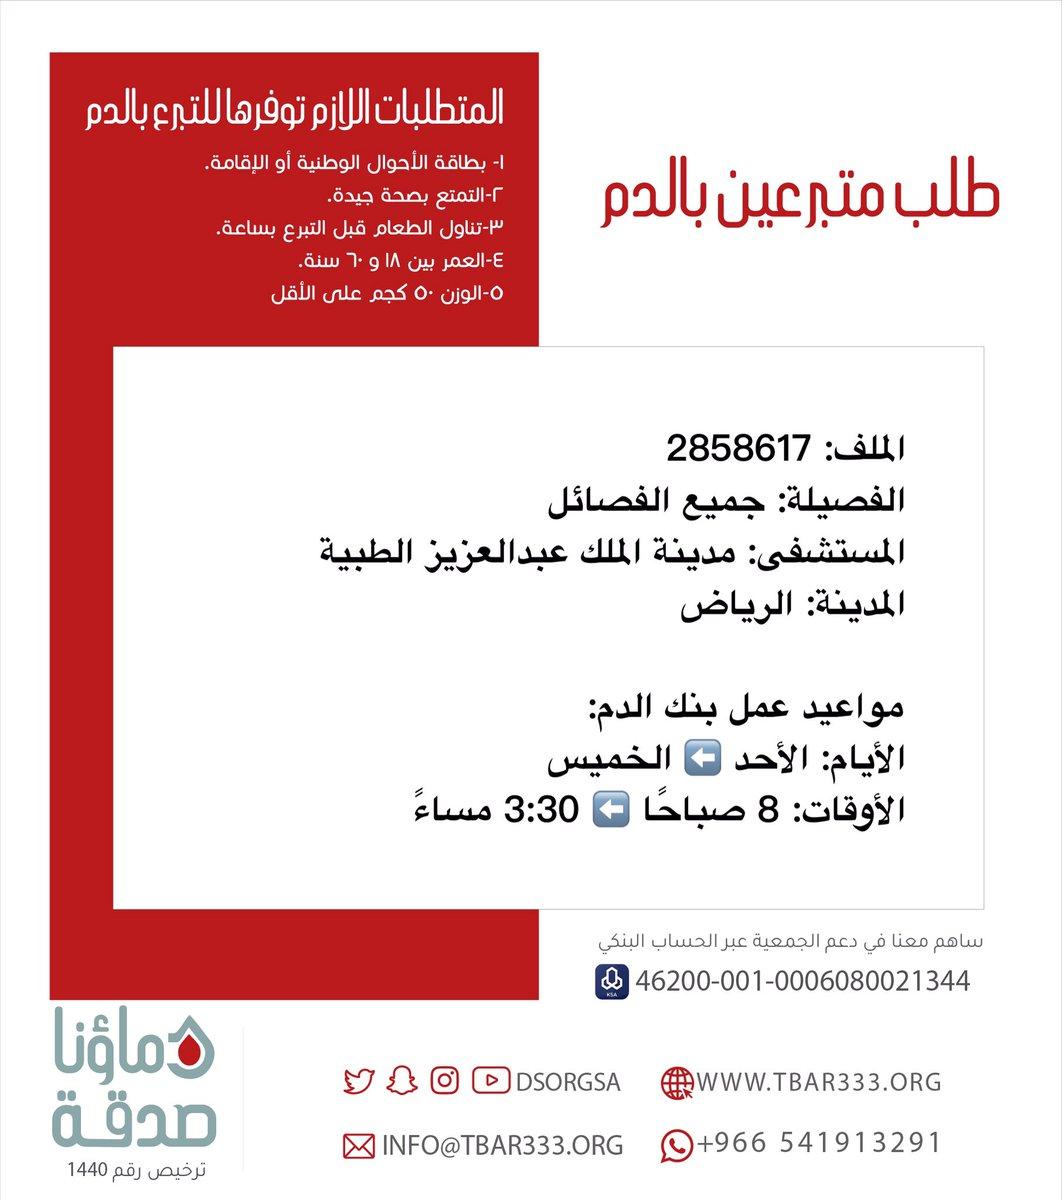 رقم مستشفى الحرس الوطني الرياض